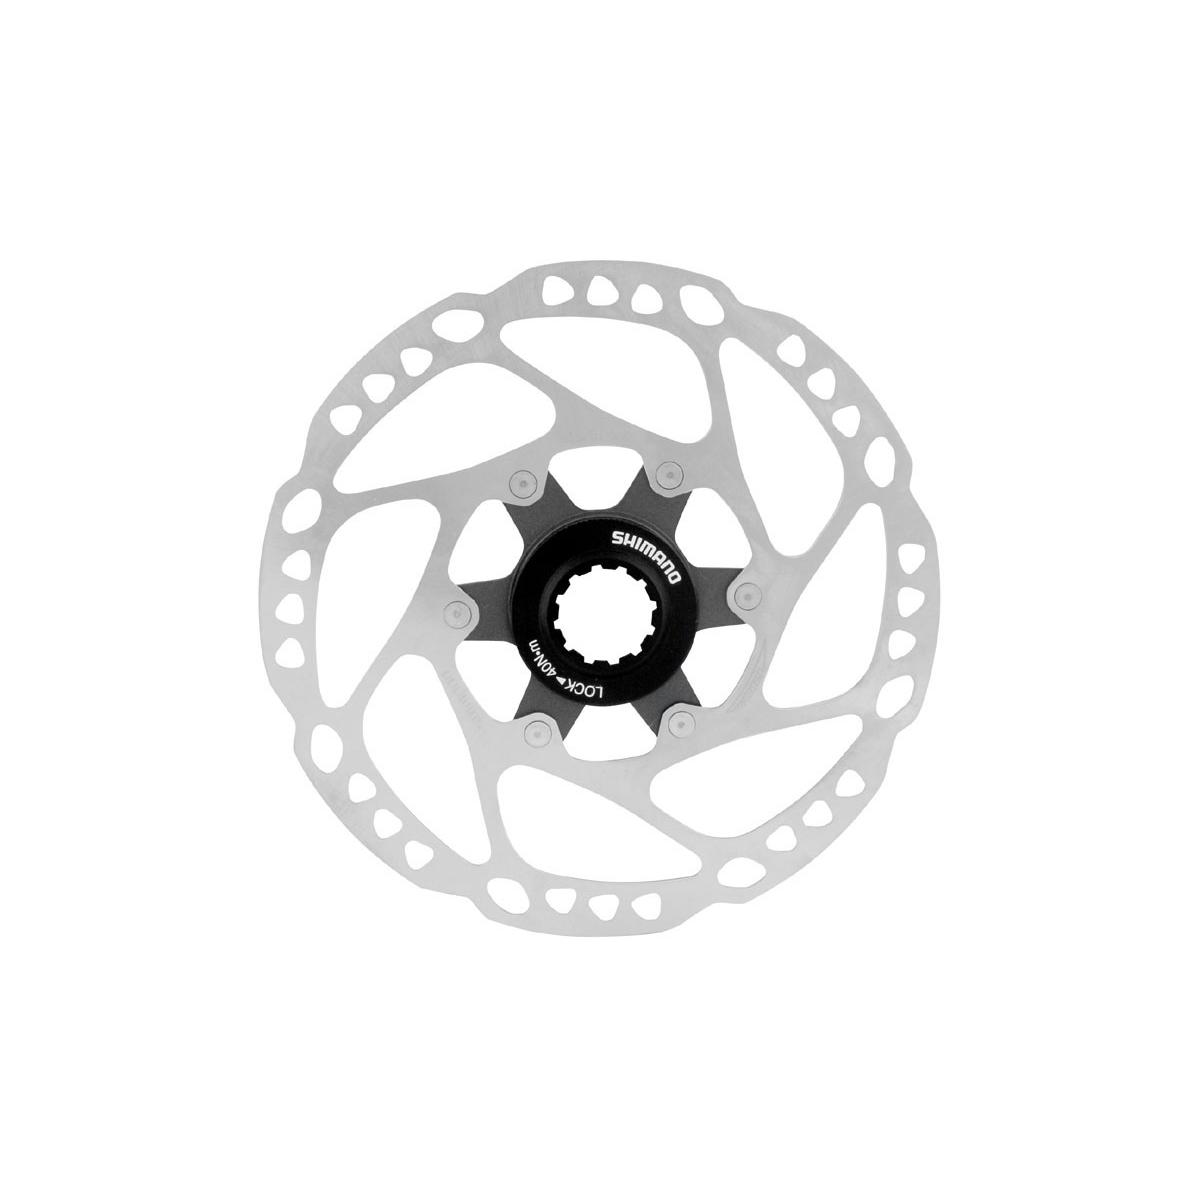 Brzdový kotouč SH SMRT64 CENTER LOCK 160 mm, stříbrný